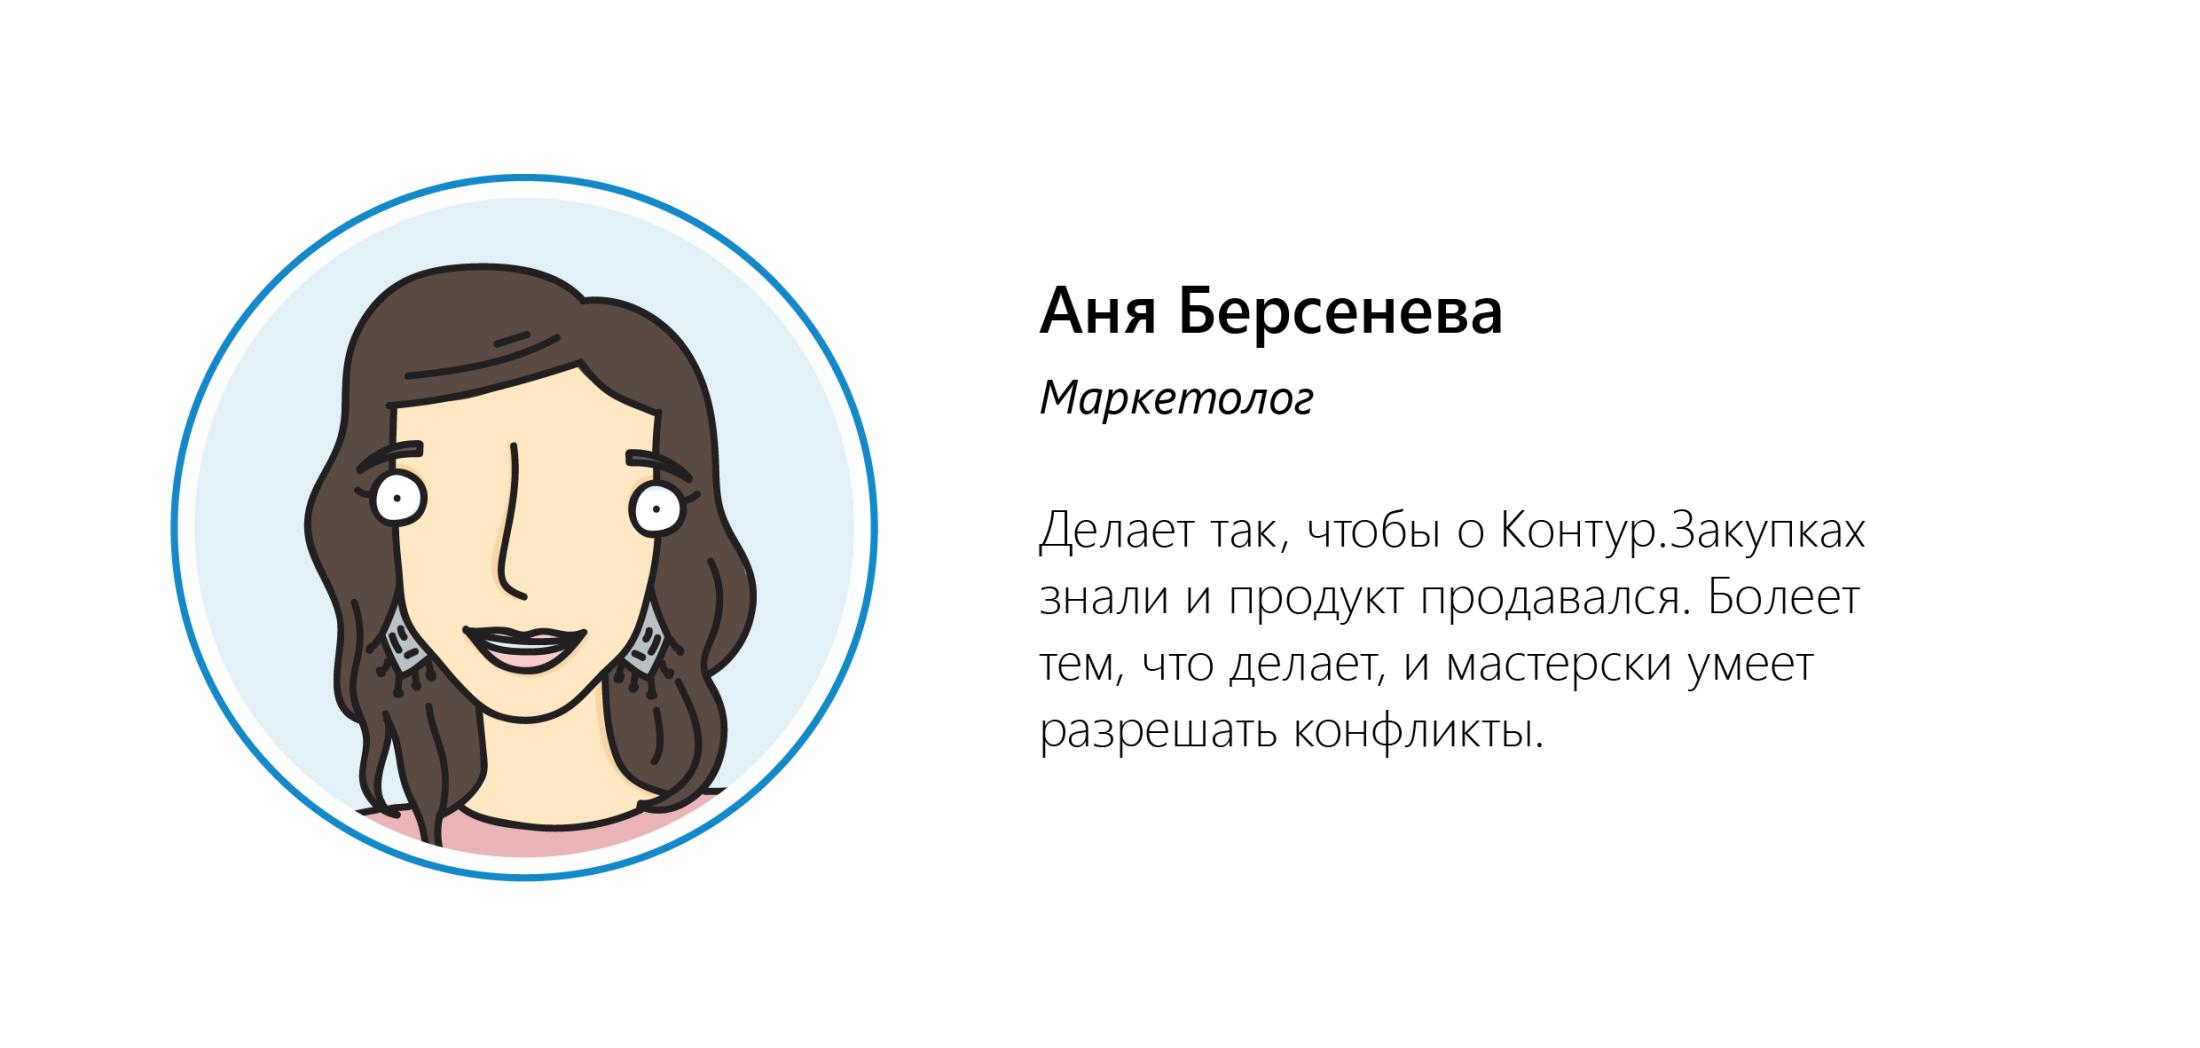 Аня Берсенева